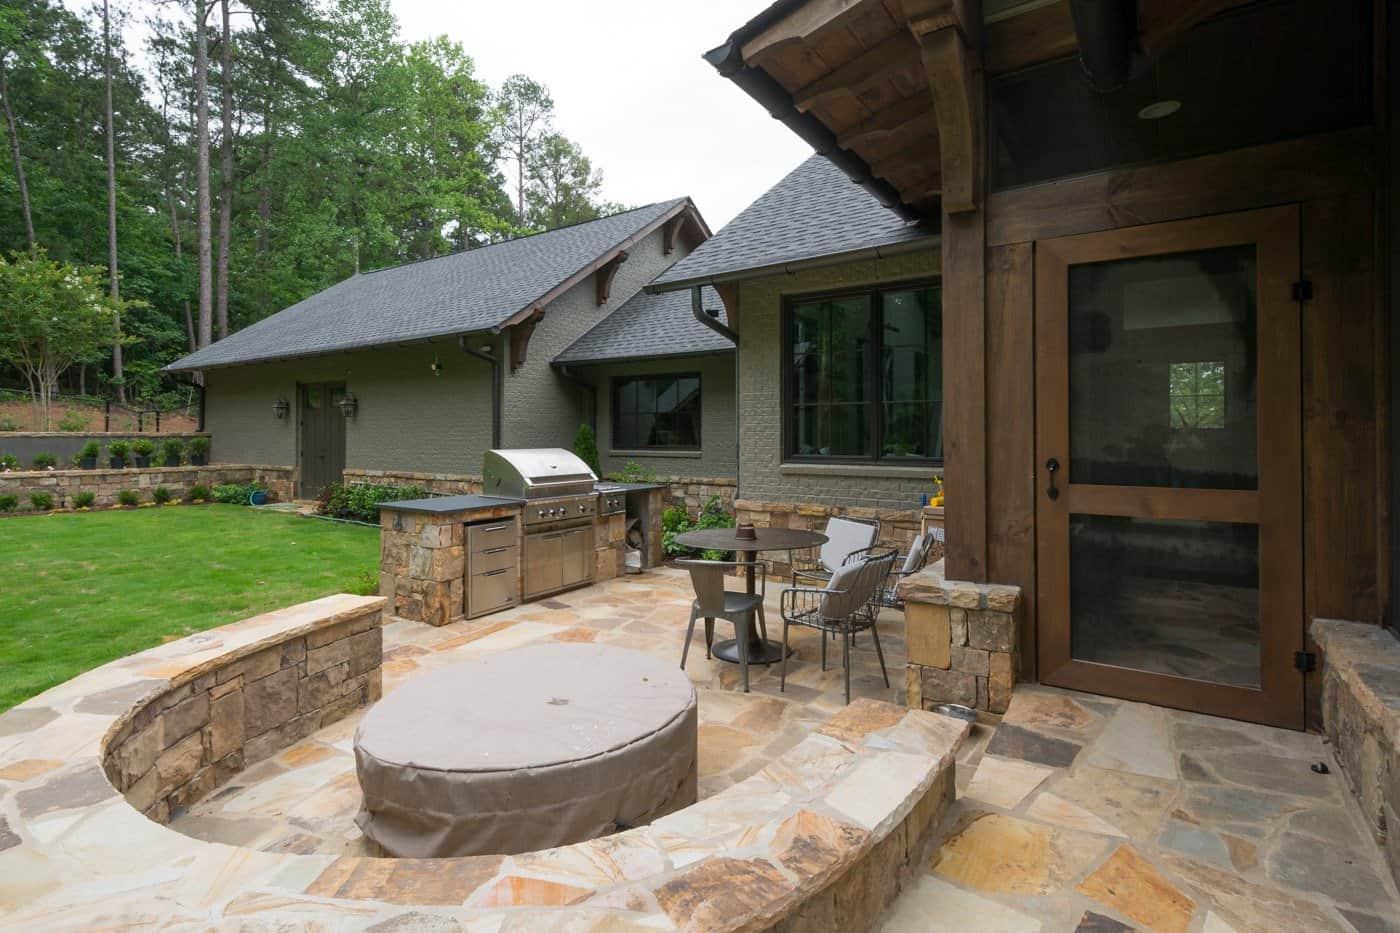 contemporary-ranch-style-house-exterior-patio